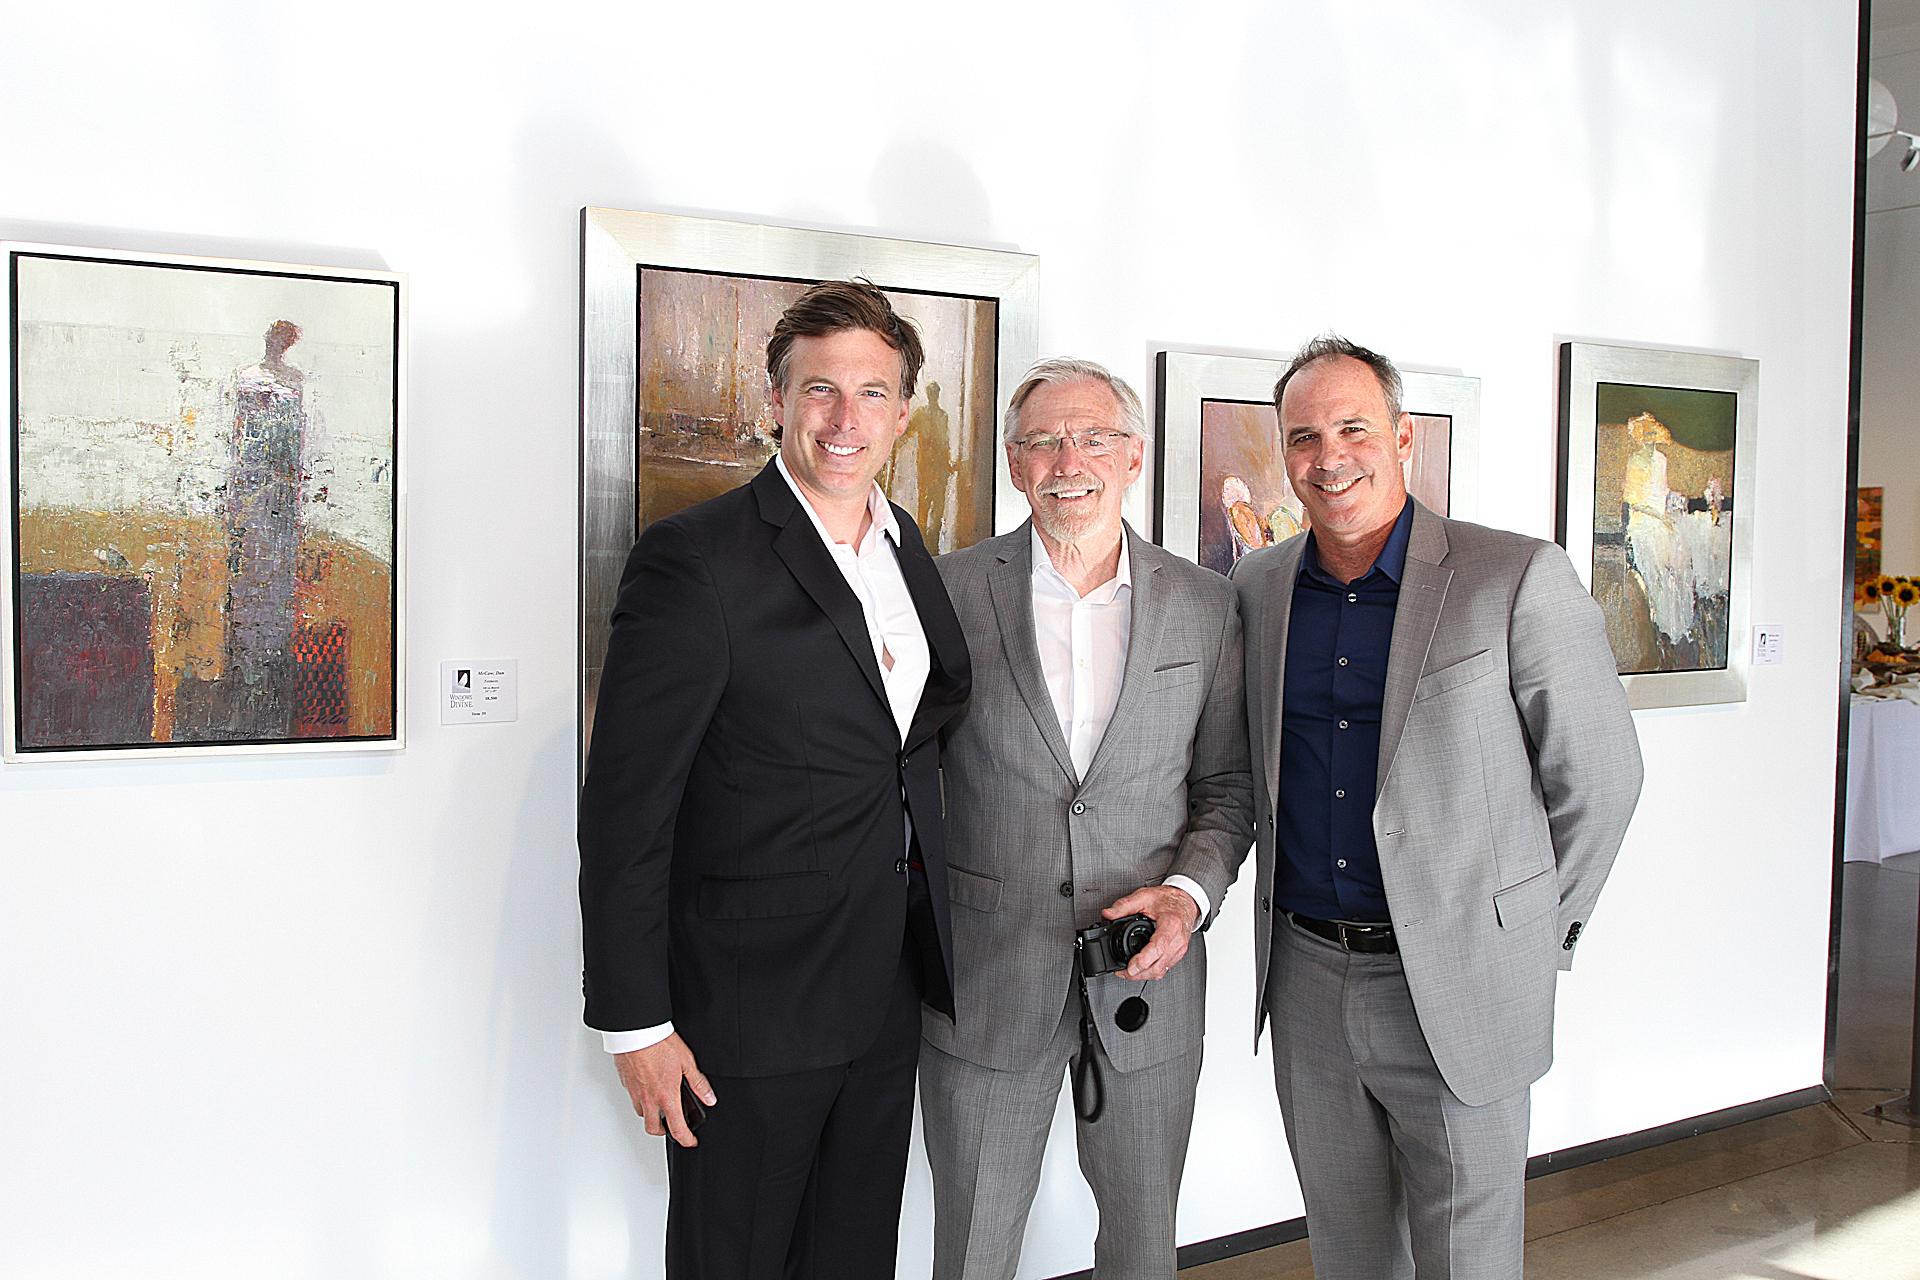 01 – IMG_4959_Opening Gala_Danny McCaw, Dan McCaw, John McCaw